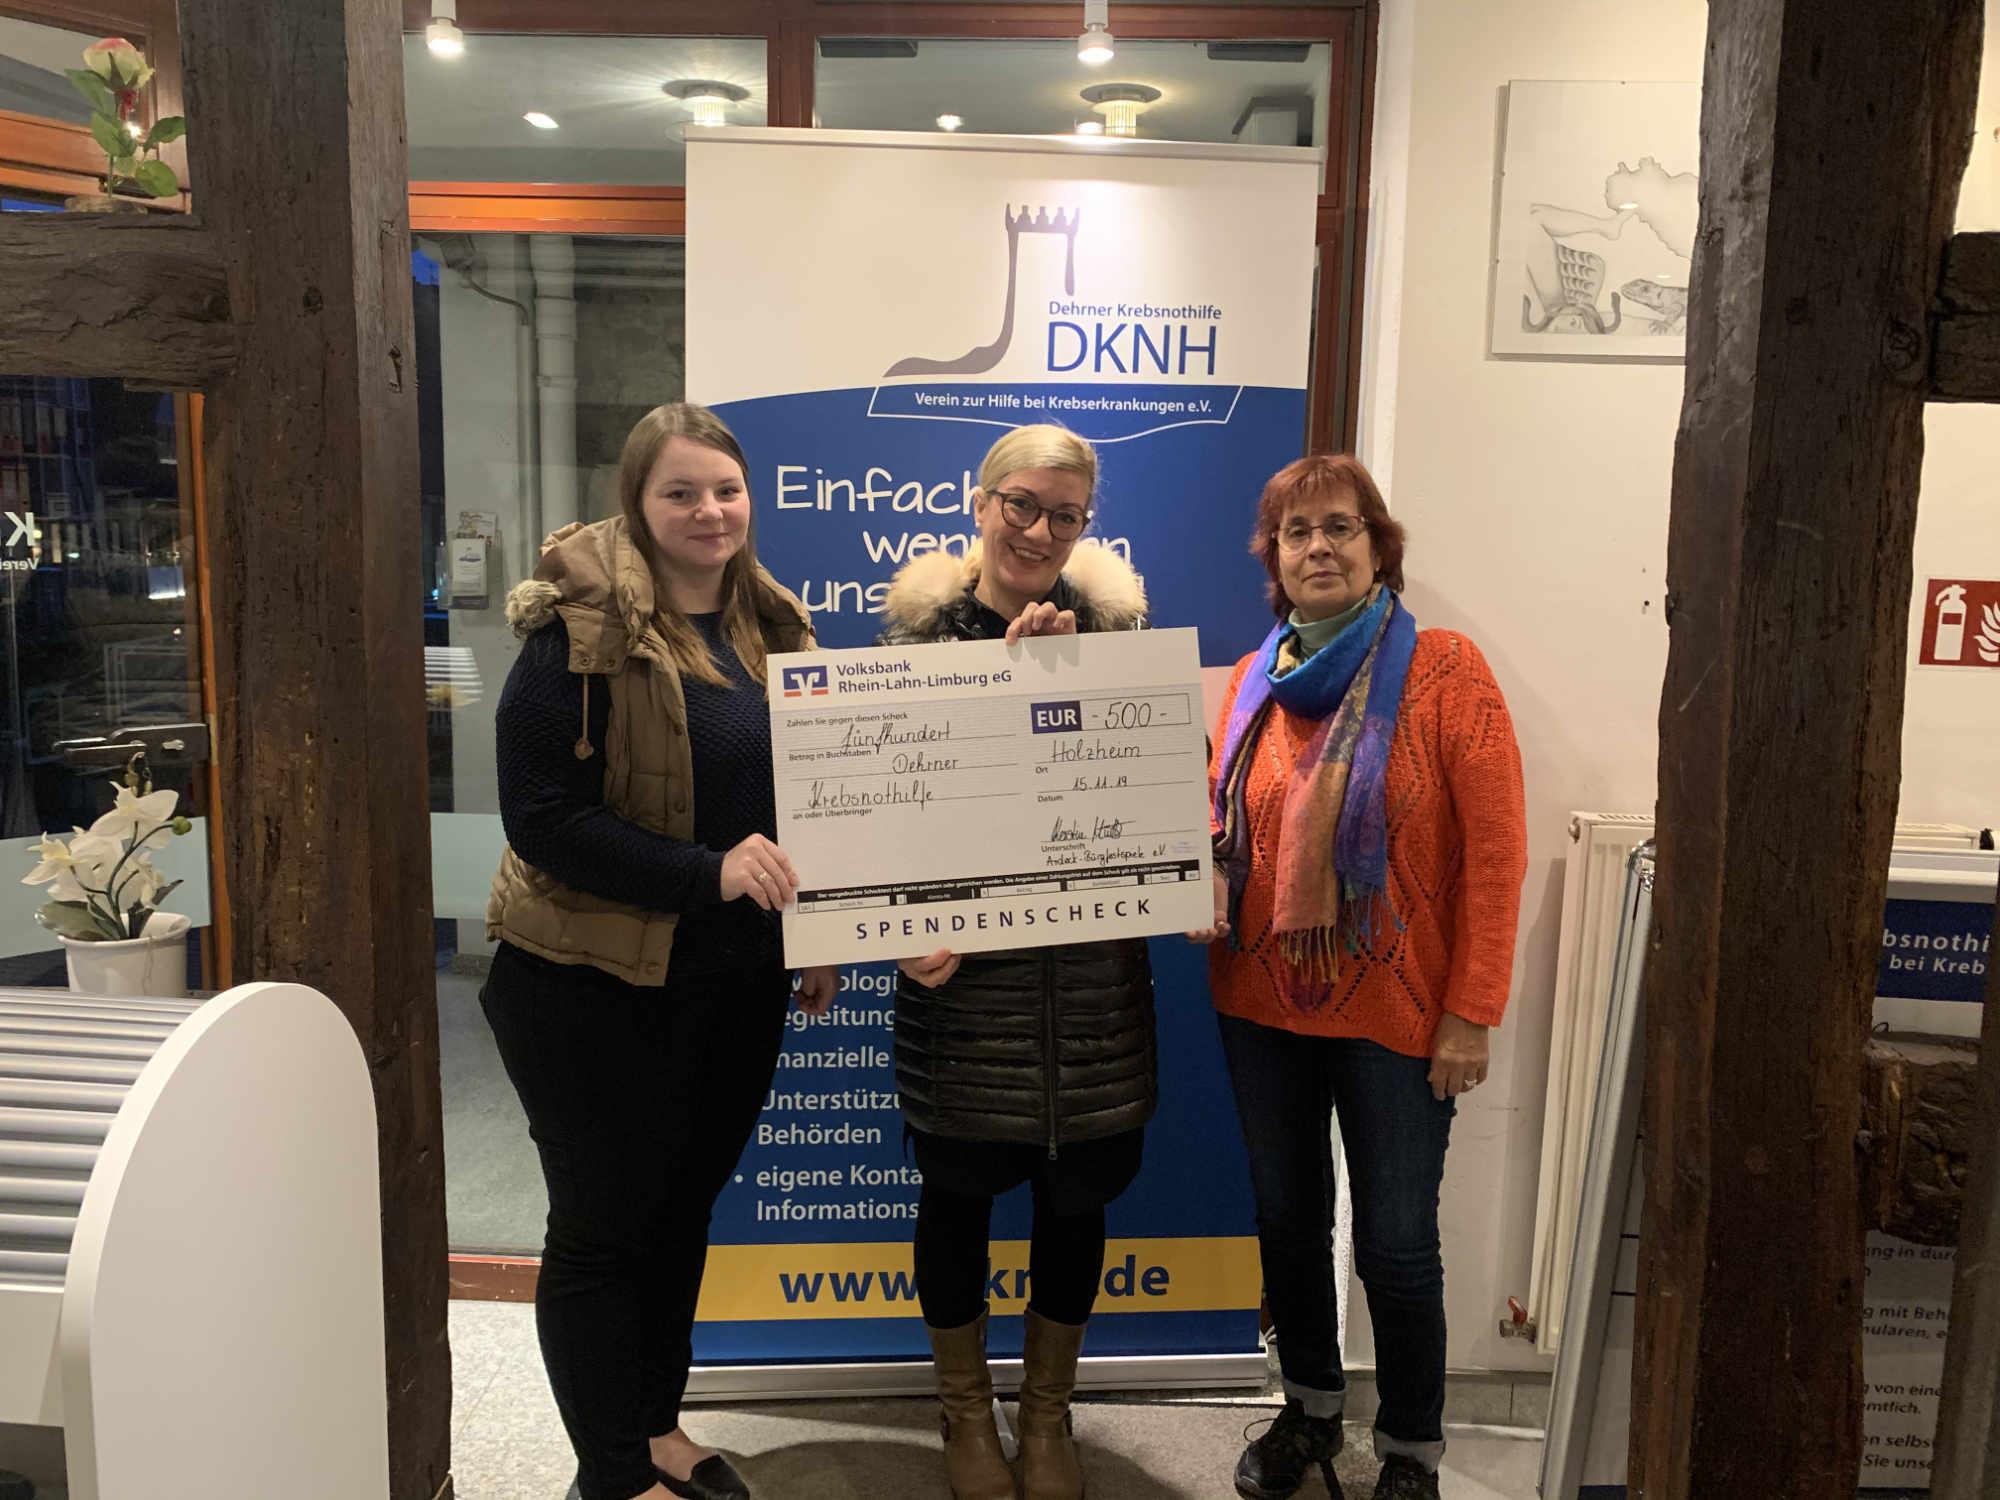 Burgfestspiele Ardeck spenden für Krebsnothilfe 500,- Euro